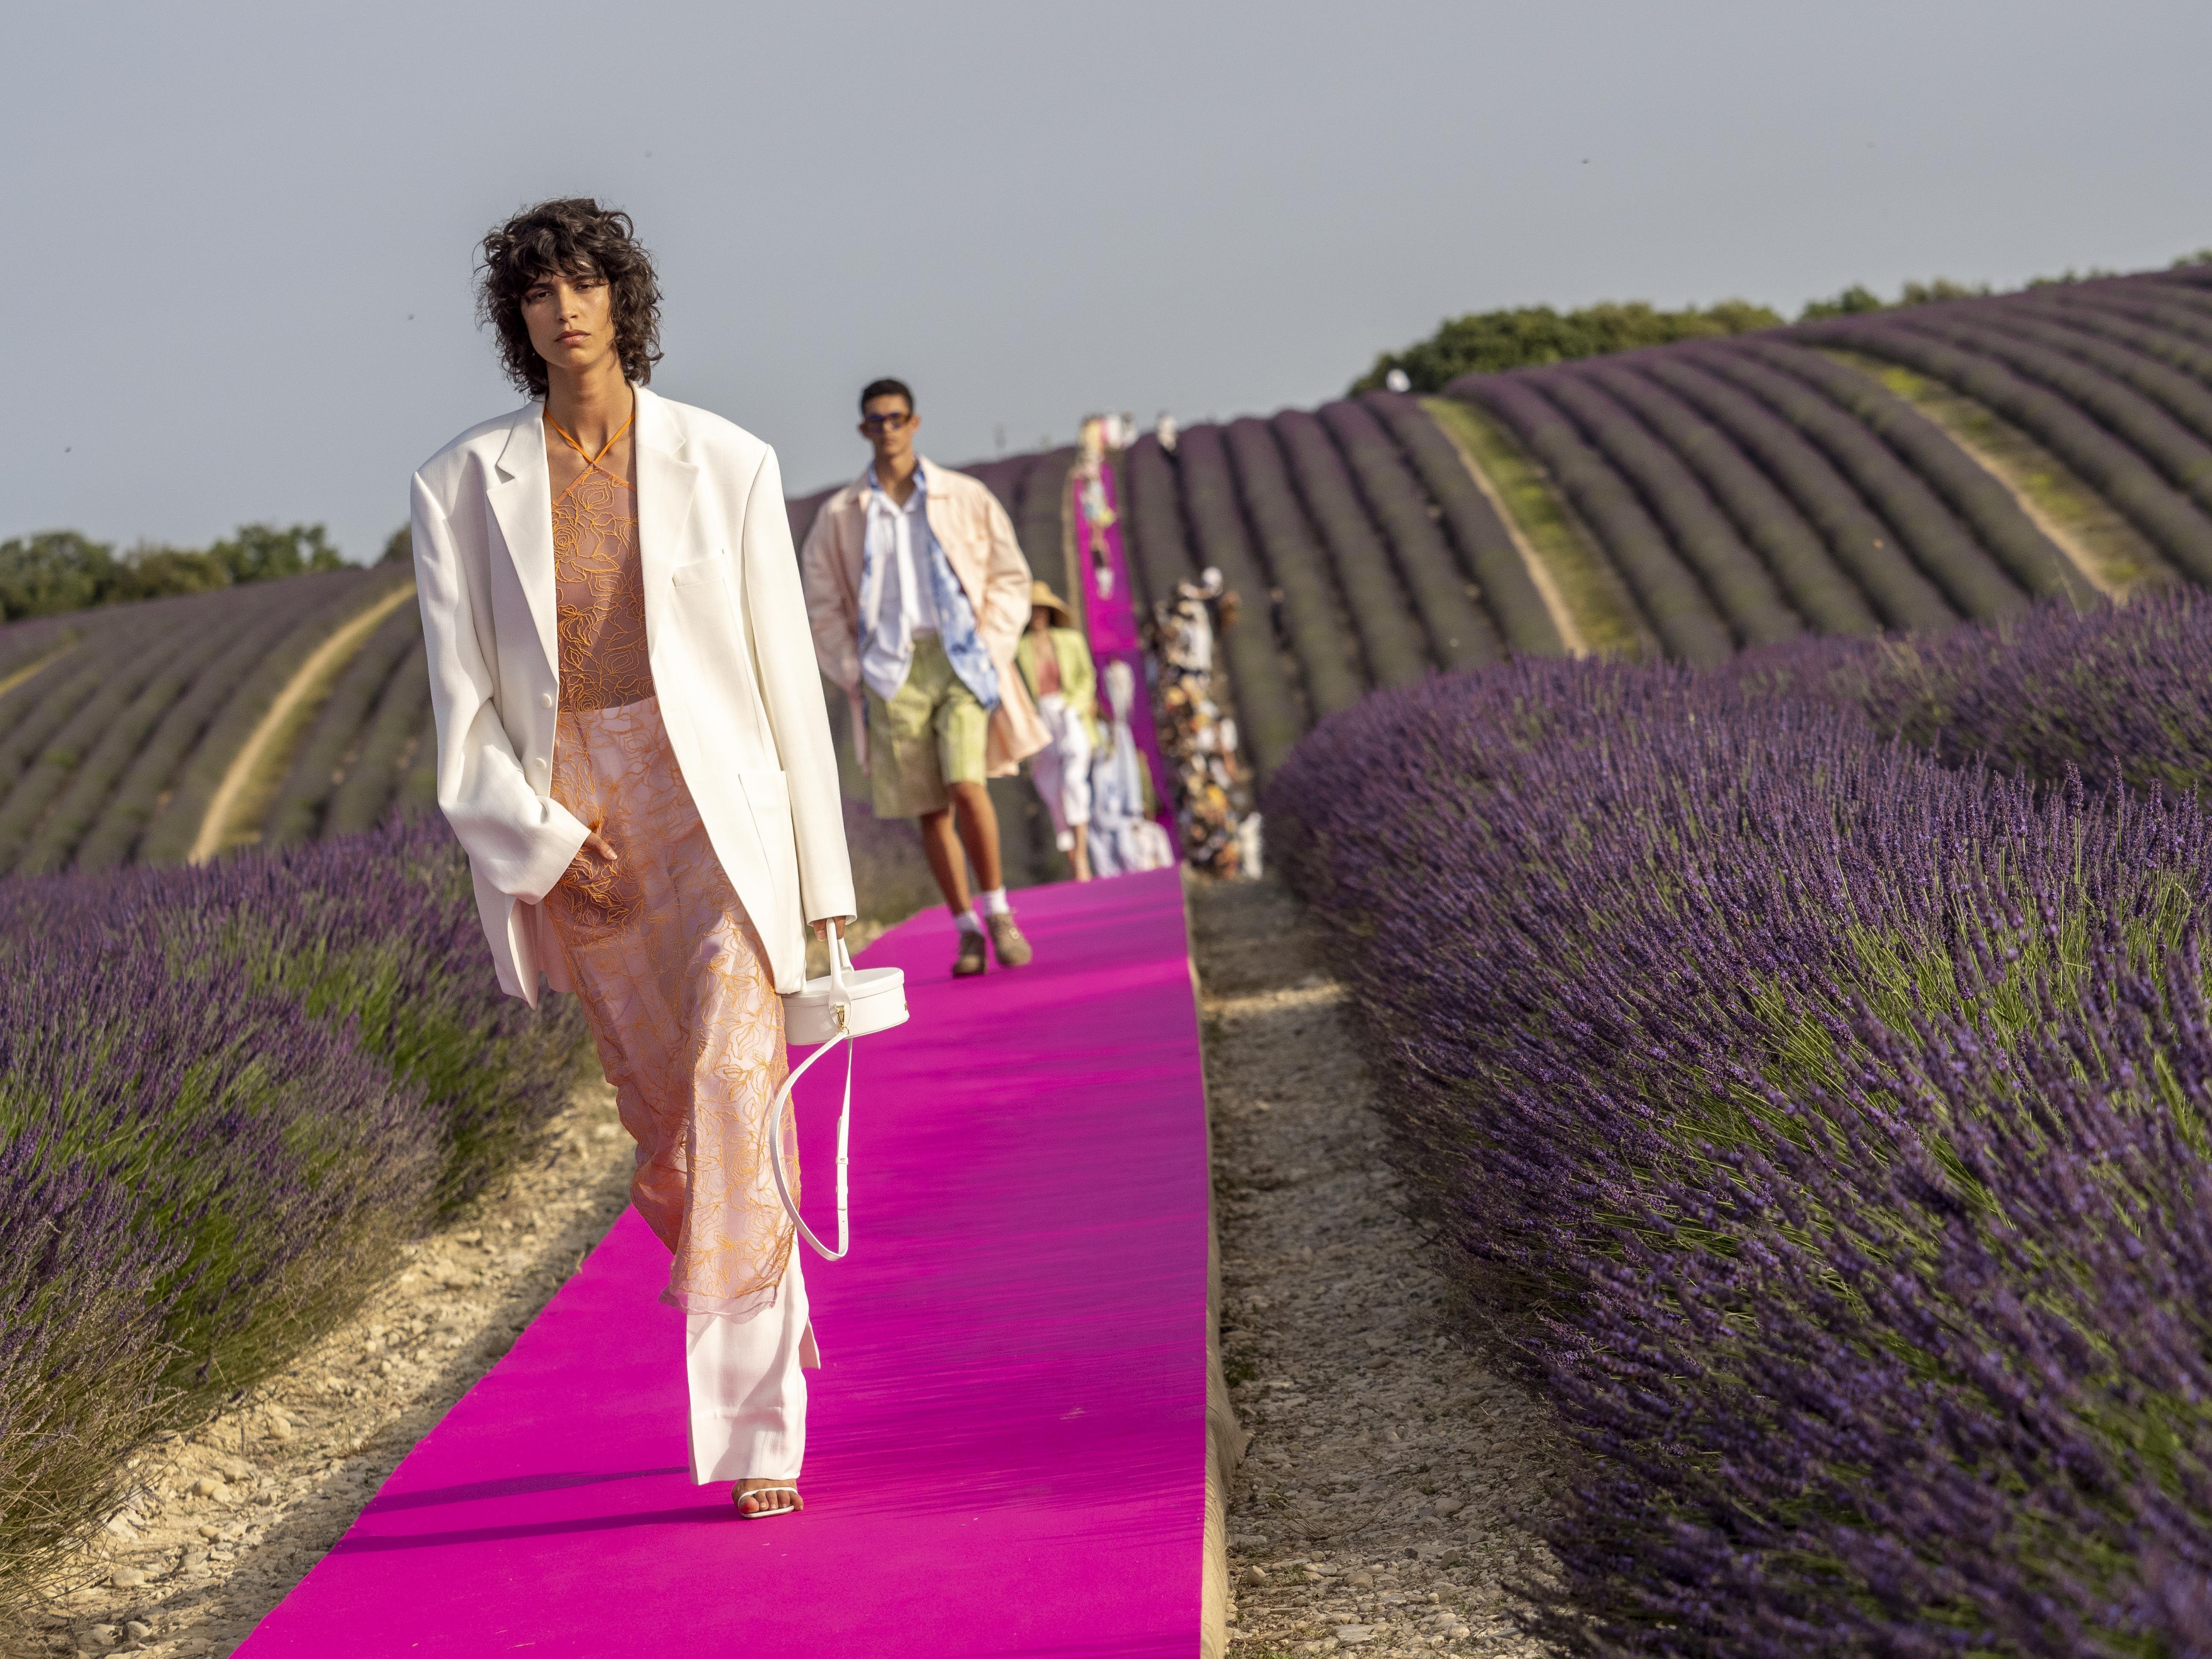 L'Amour: la sfilata di Jacquemus del 16 luglio è già l'evento più atteso della fashion week?